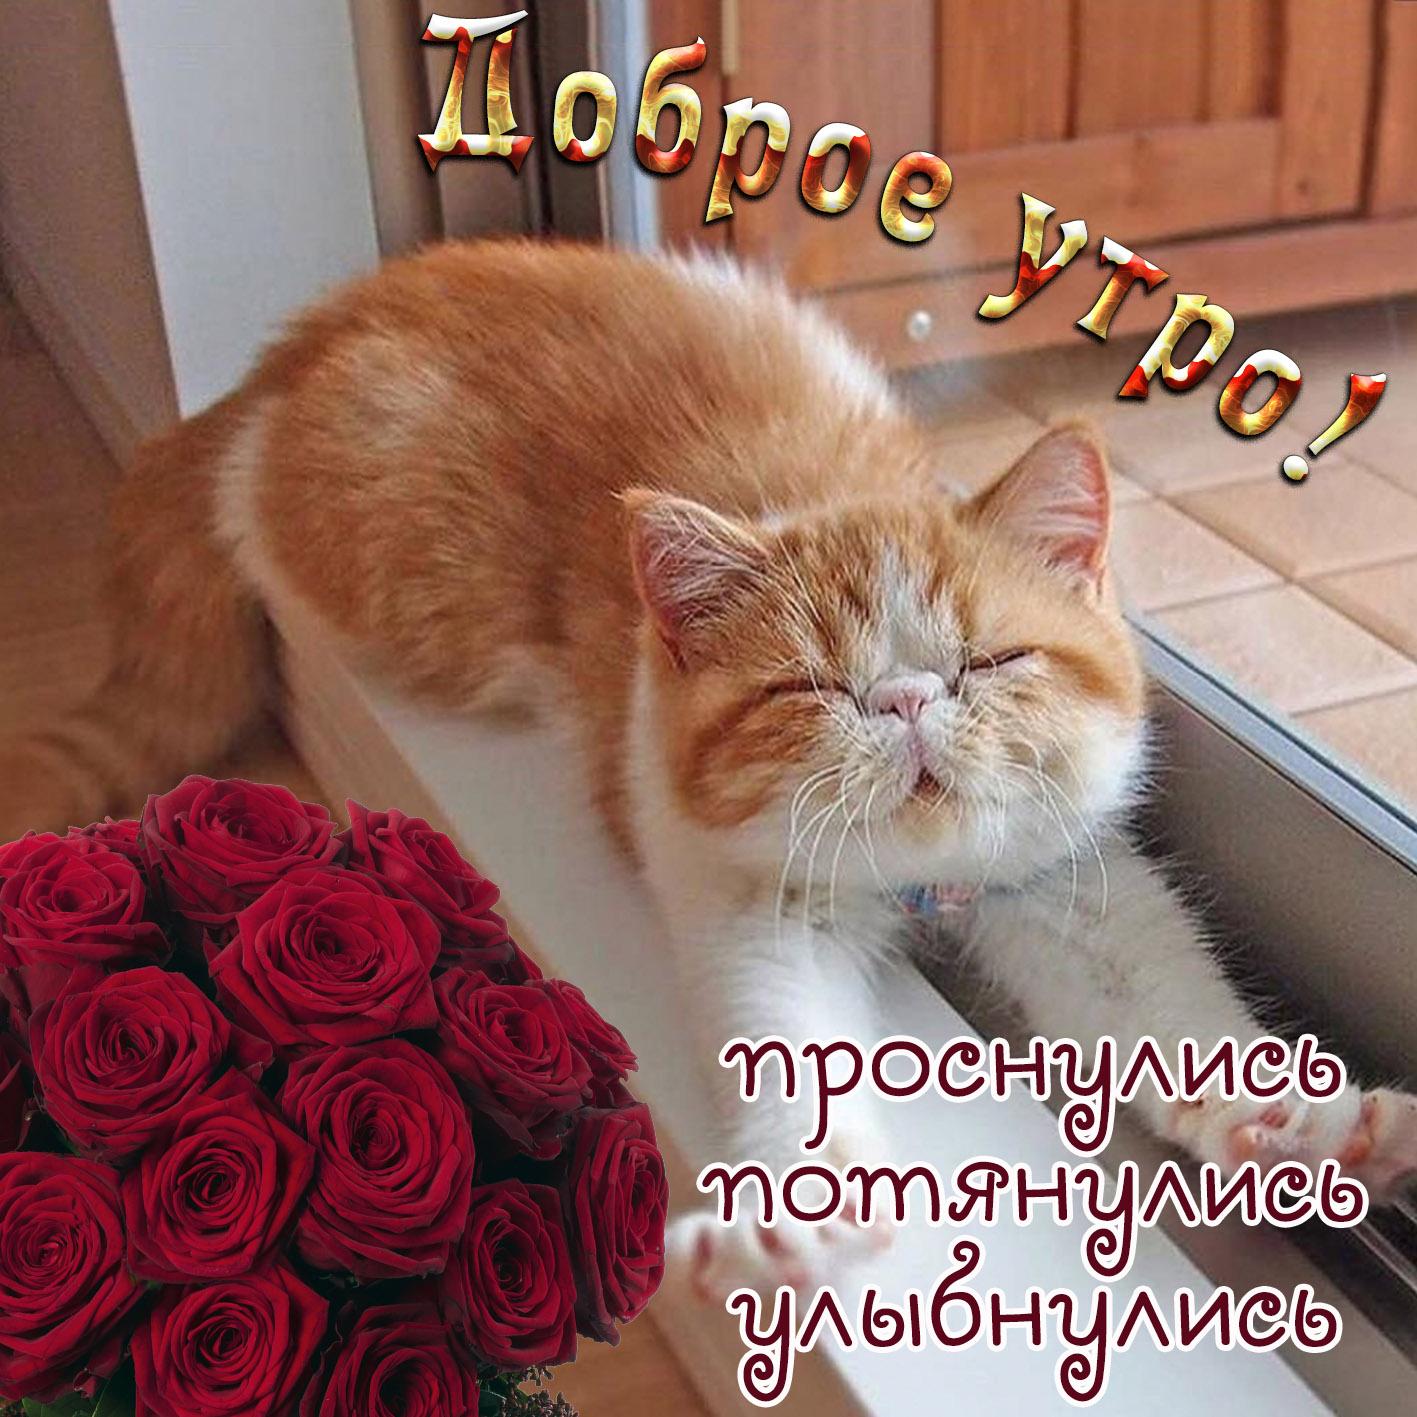 Картинка доброе утро с милейшим котиком и красными розами